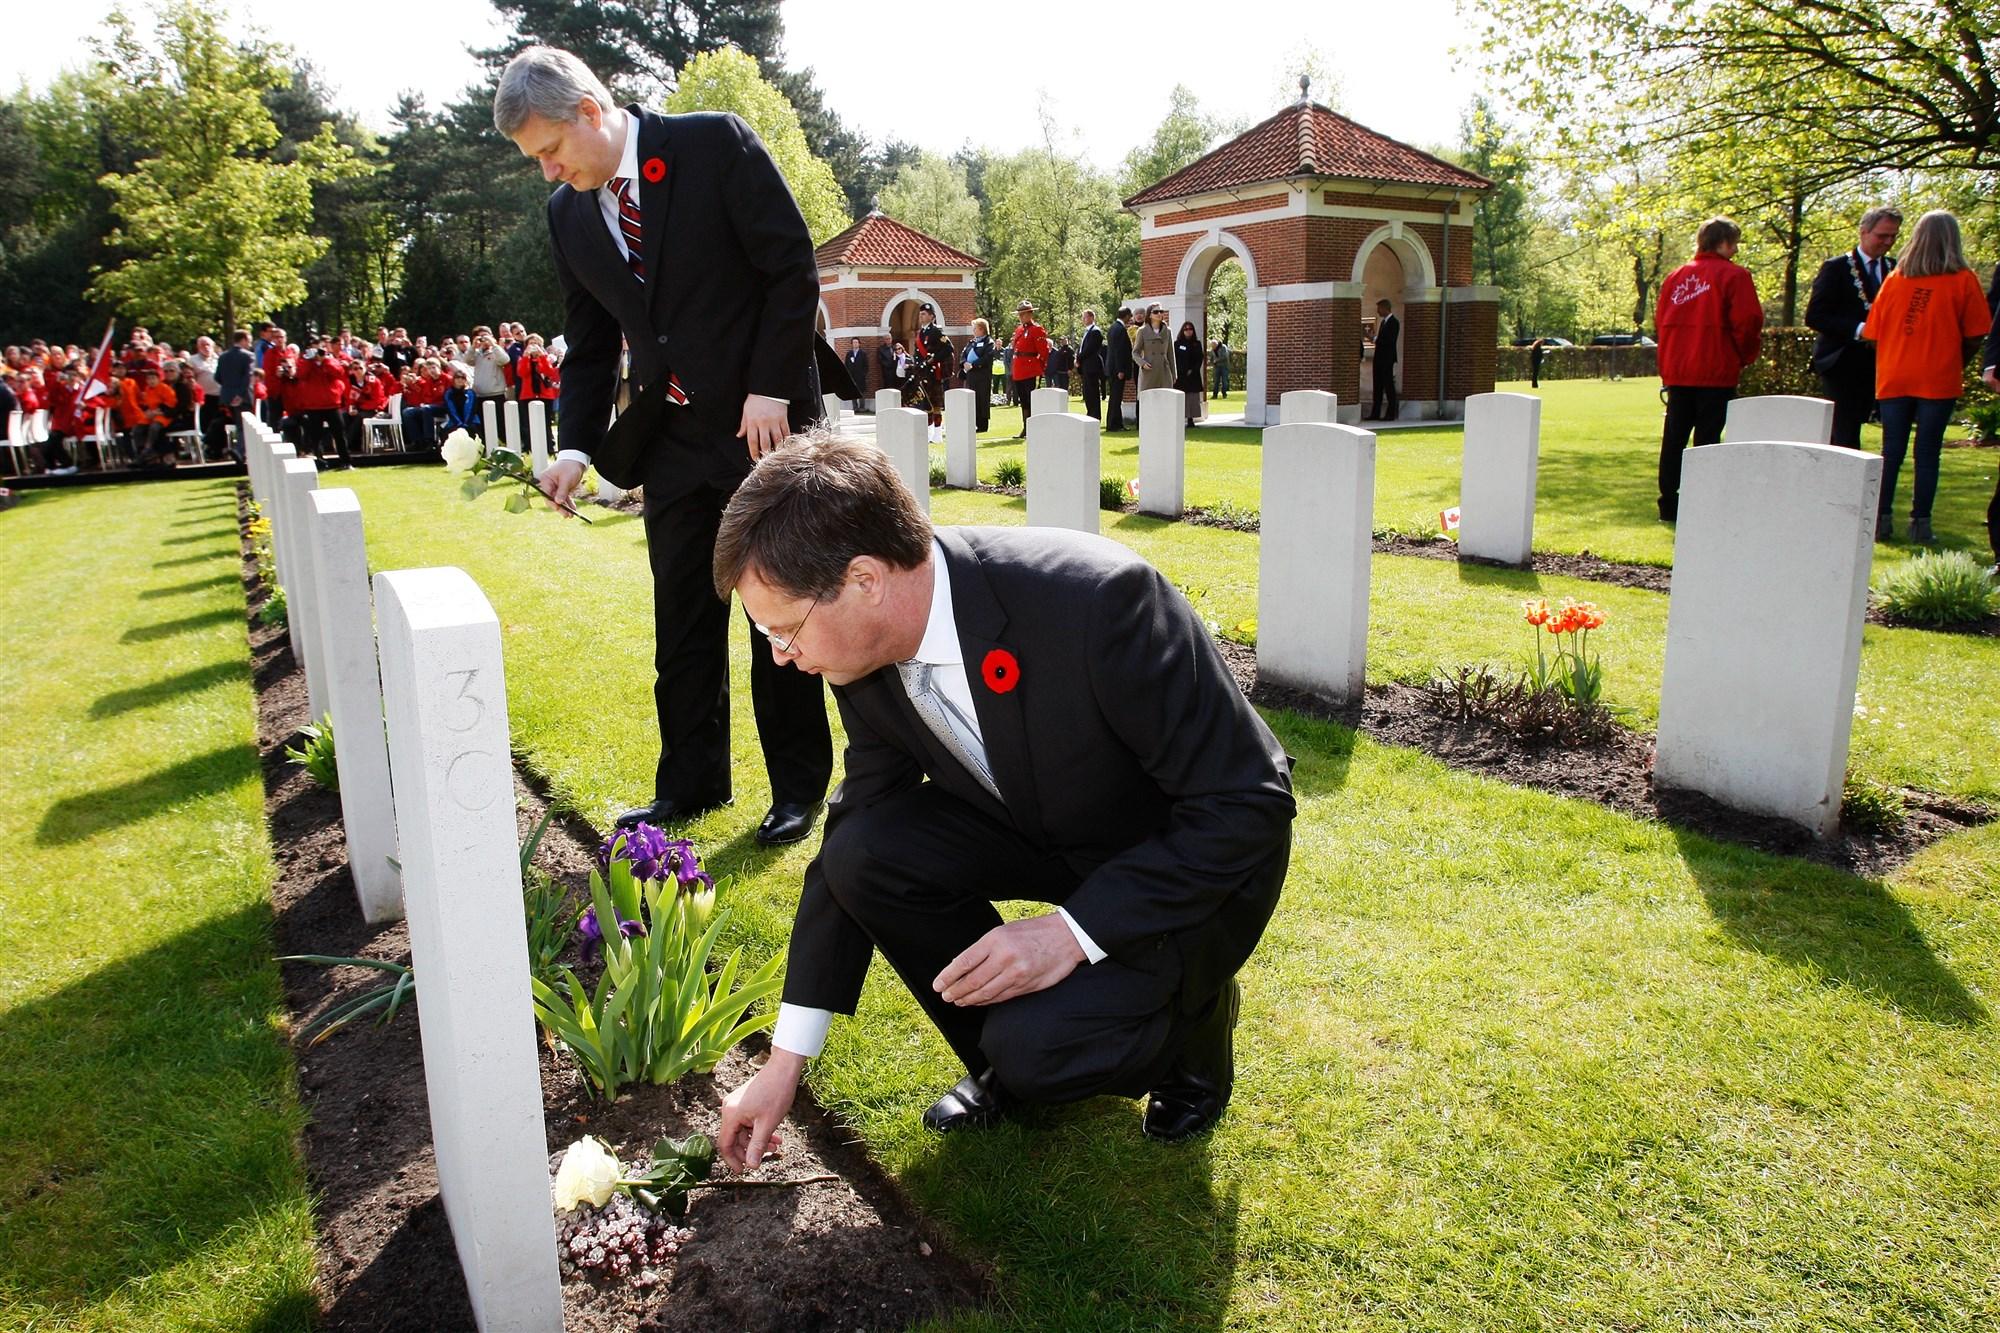 canadese begraafplaats tweede wereldoorlog minister foto's bergen op zoom president jan-peter balkenende